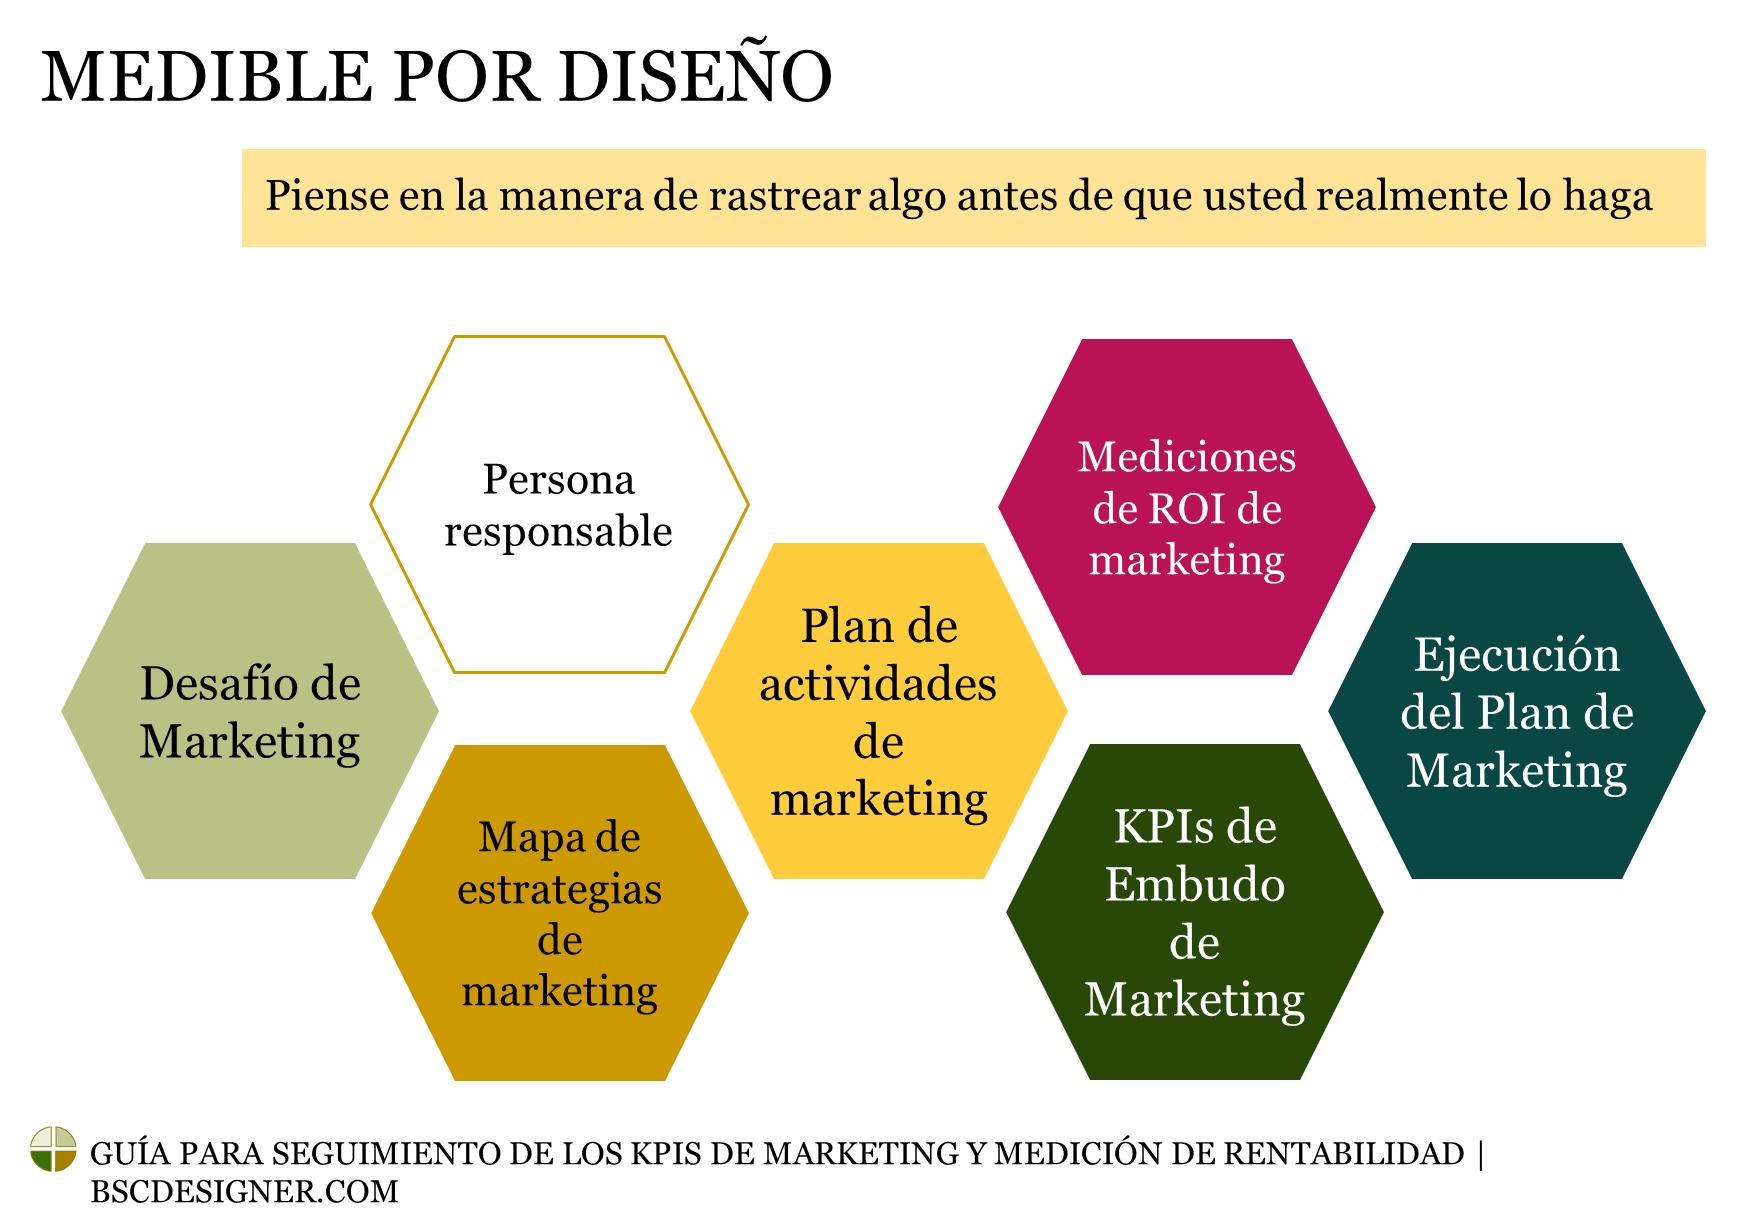 Guía para seguimiento de los KPIs de marketing